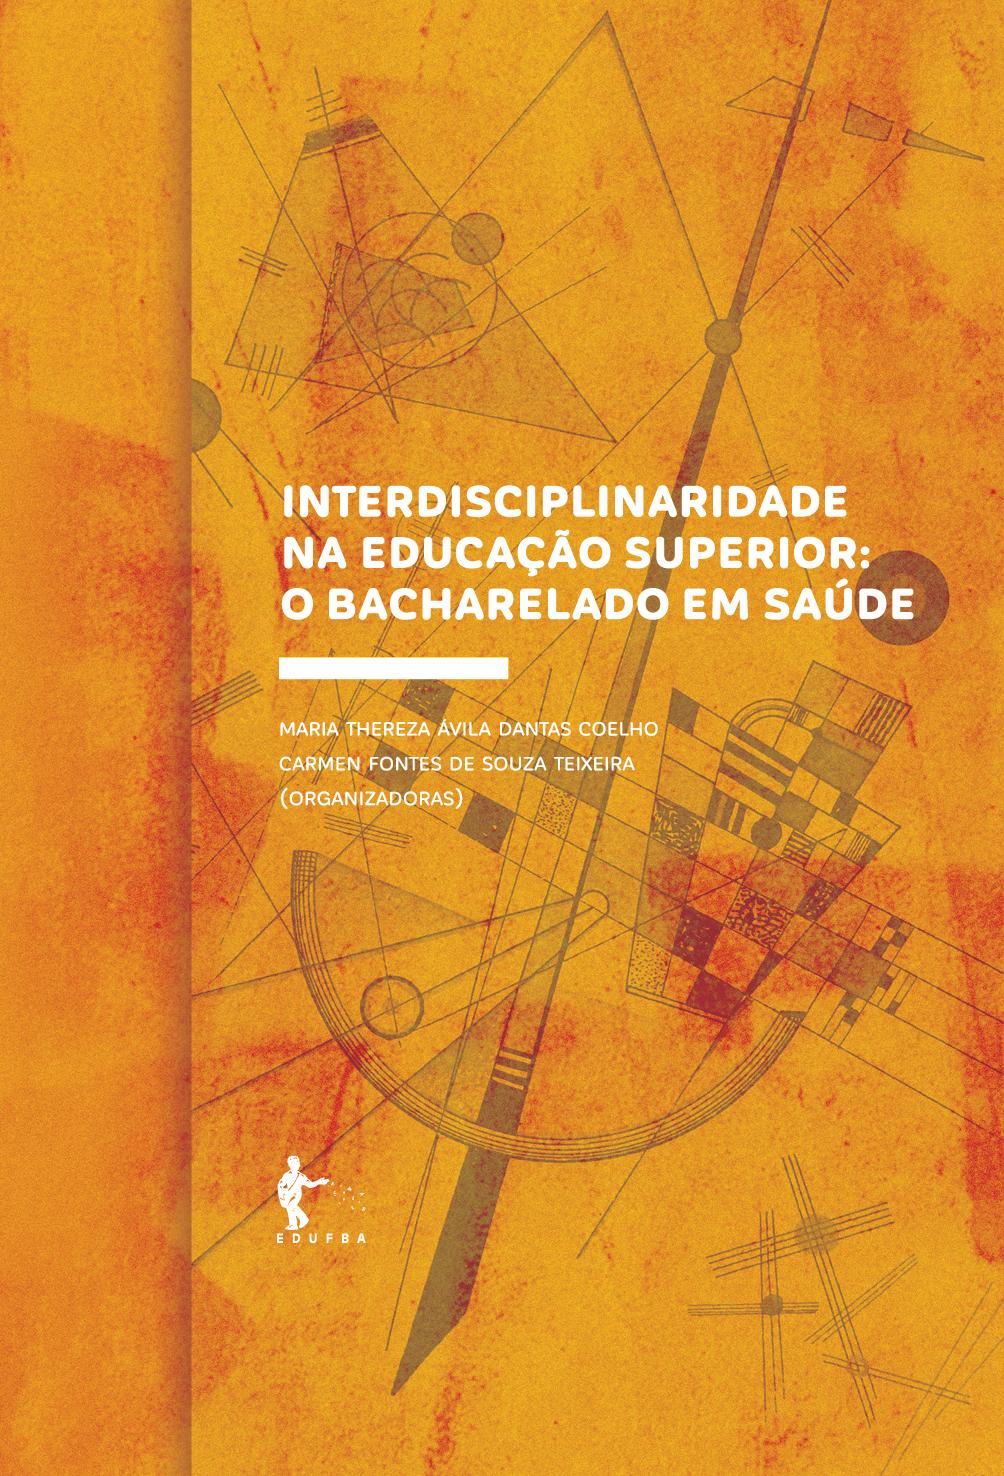 Interdisciplinaridade na Educação Superior: O Bacharelado em Saúde, livro de Maria Thereza Ávila Dantas Coelho